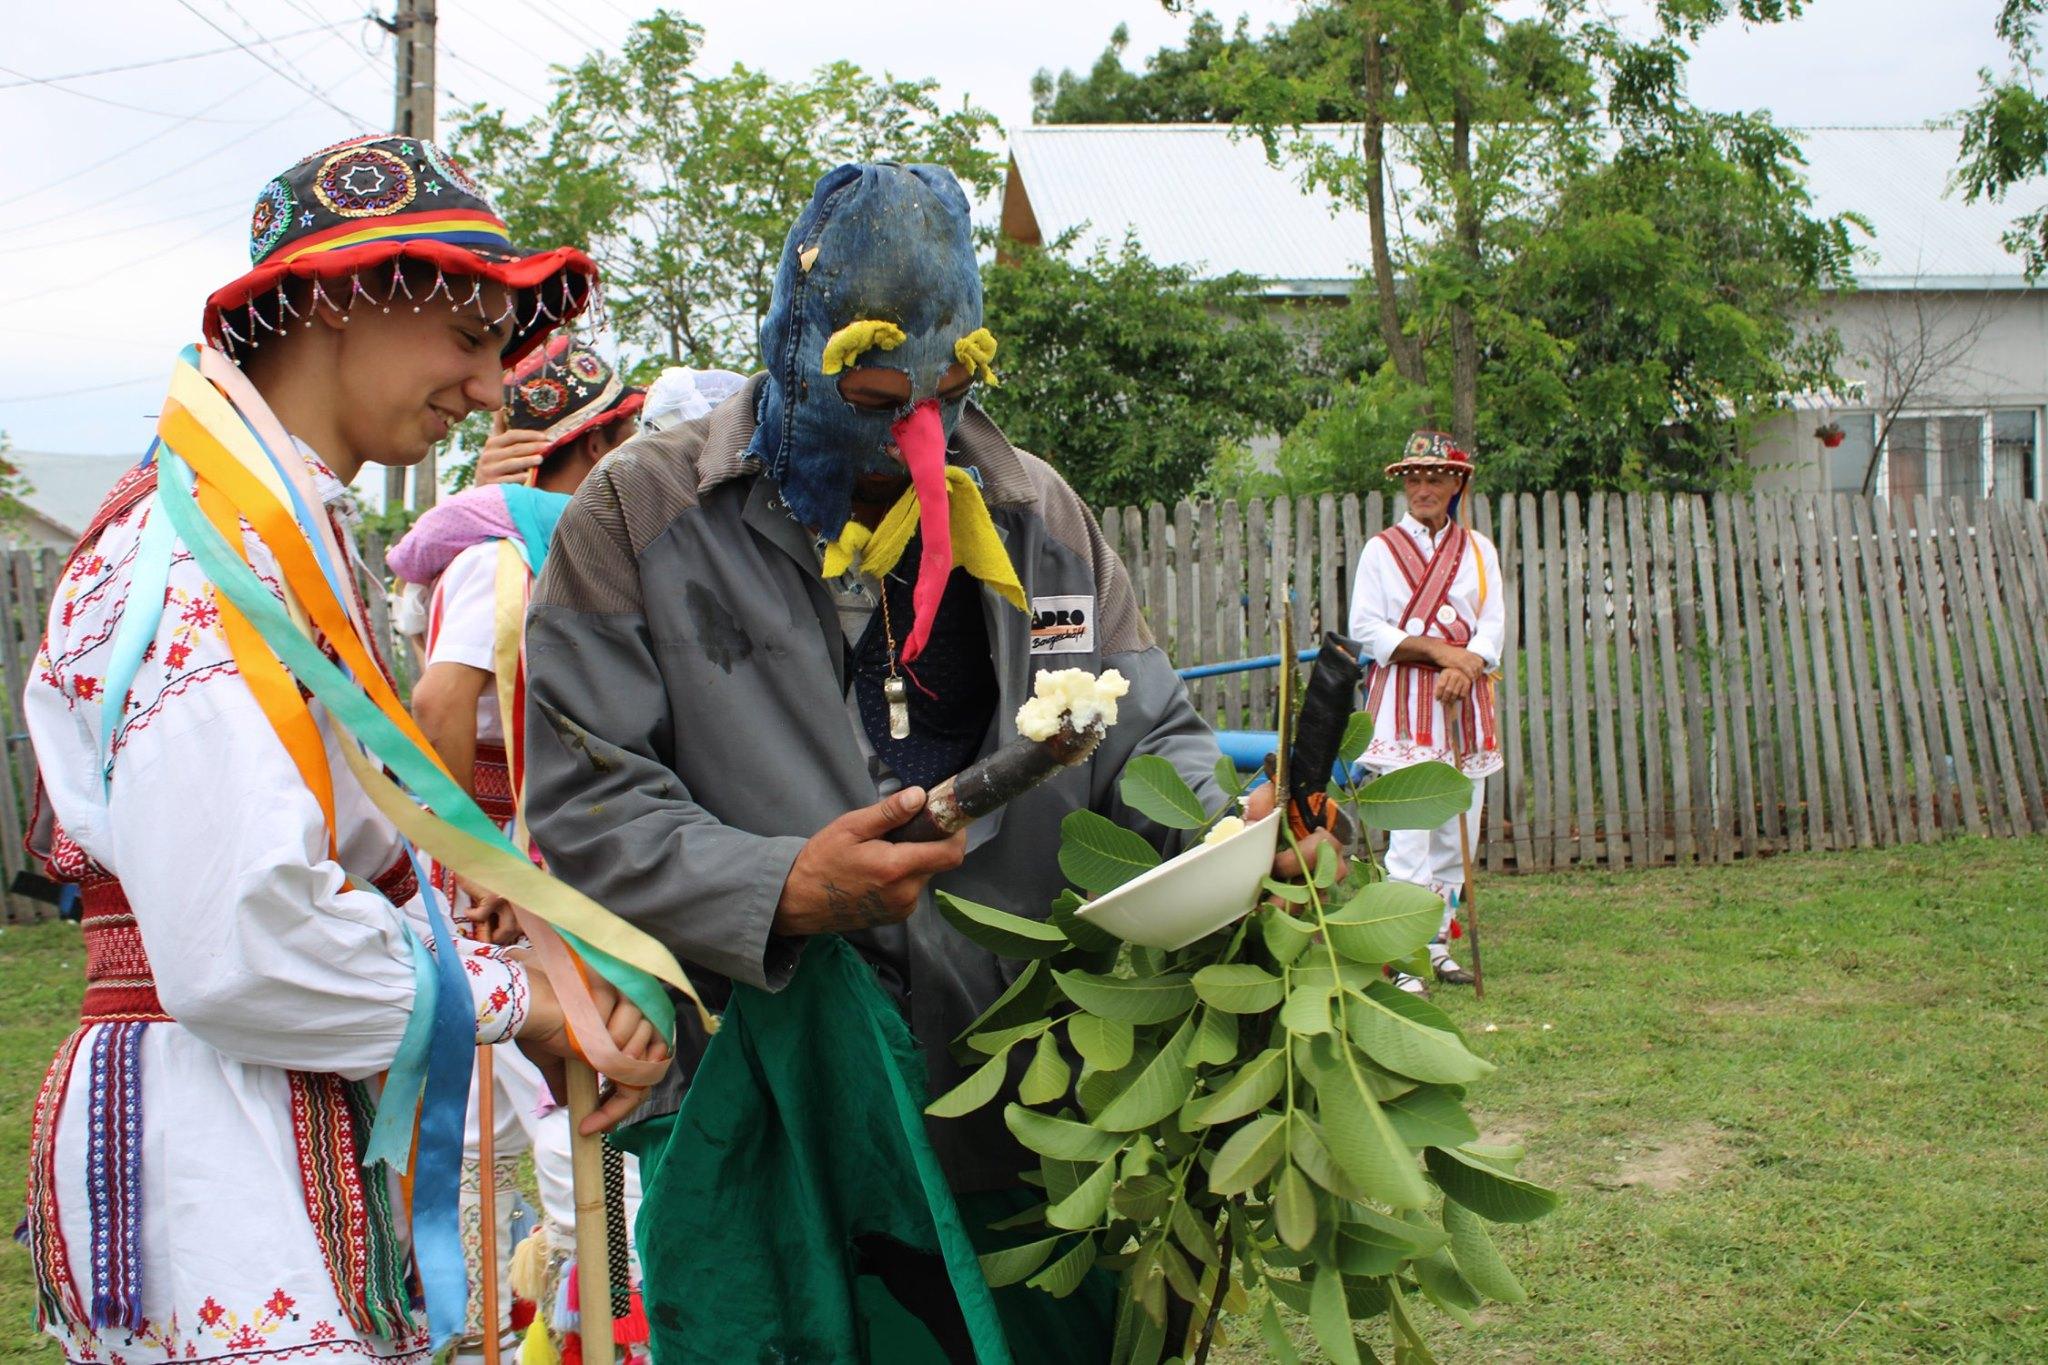 Mutu' este costumat cu haine vechi, rupte și peticite, poartă pălărie (sau căciulă) şi mască